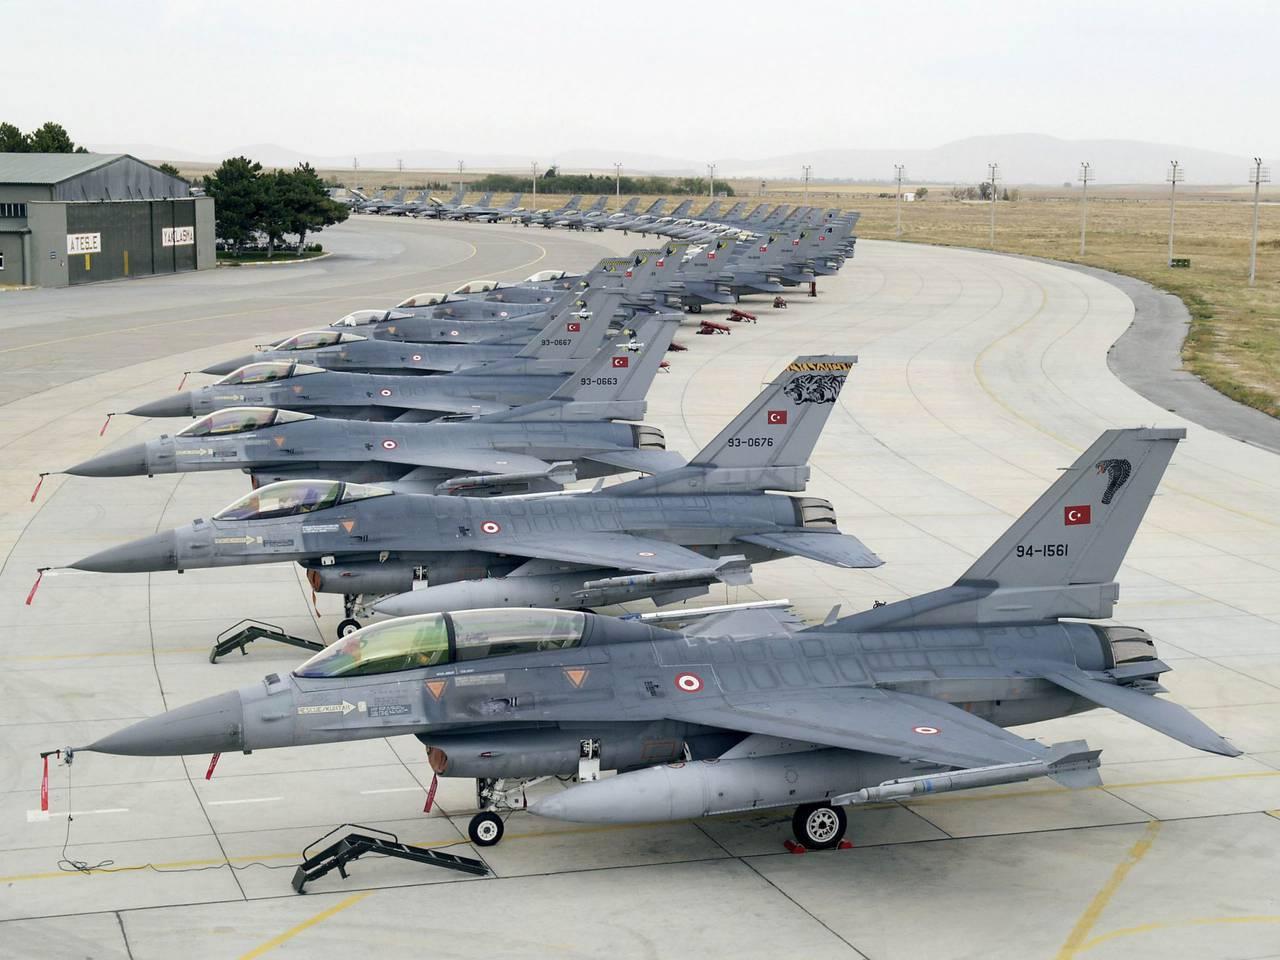 Турецькі F-16 оснащують вітчизняними системами «Свій-чужий»